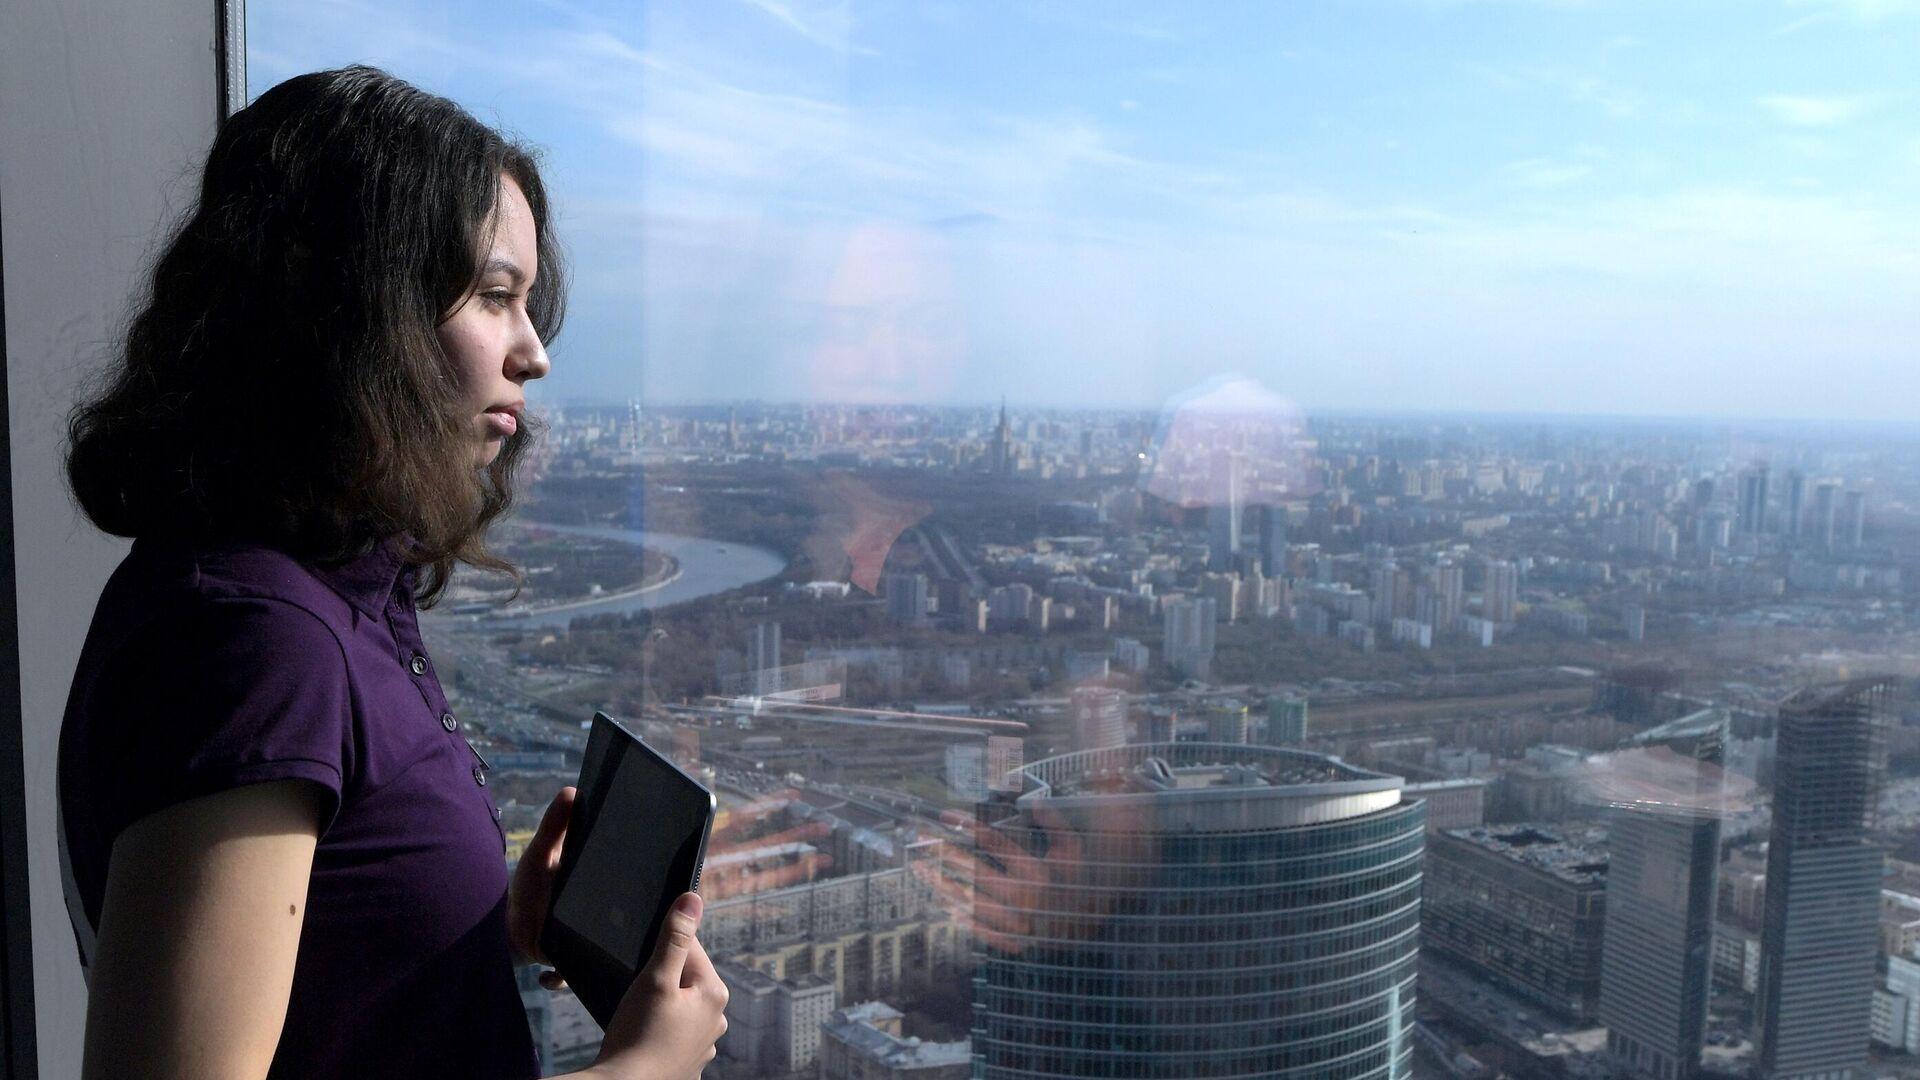 ПОсетительница на 89 этаже Башни Федерация-Восток делового комплекса Москва-Сити - РИА Новости, 1920, 01.03.2021